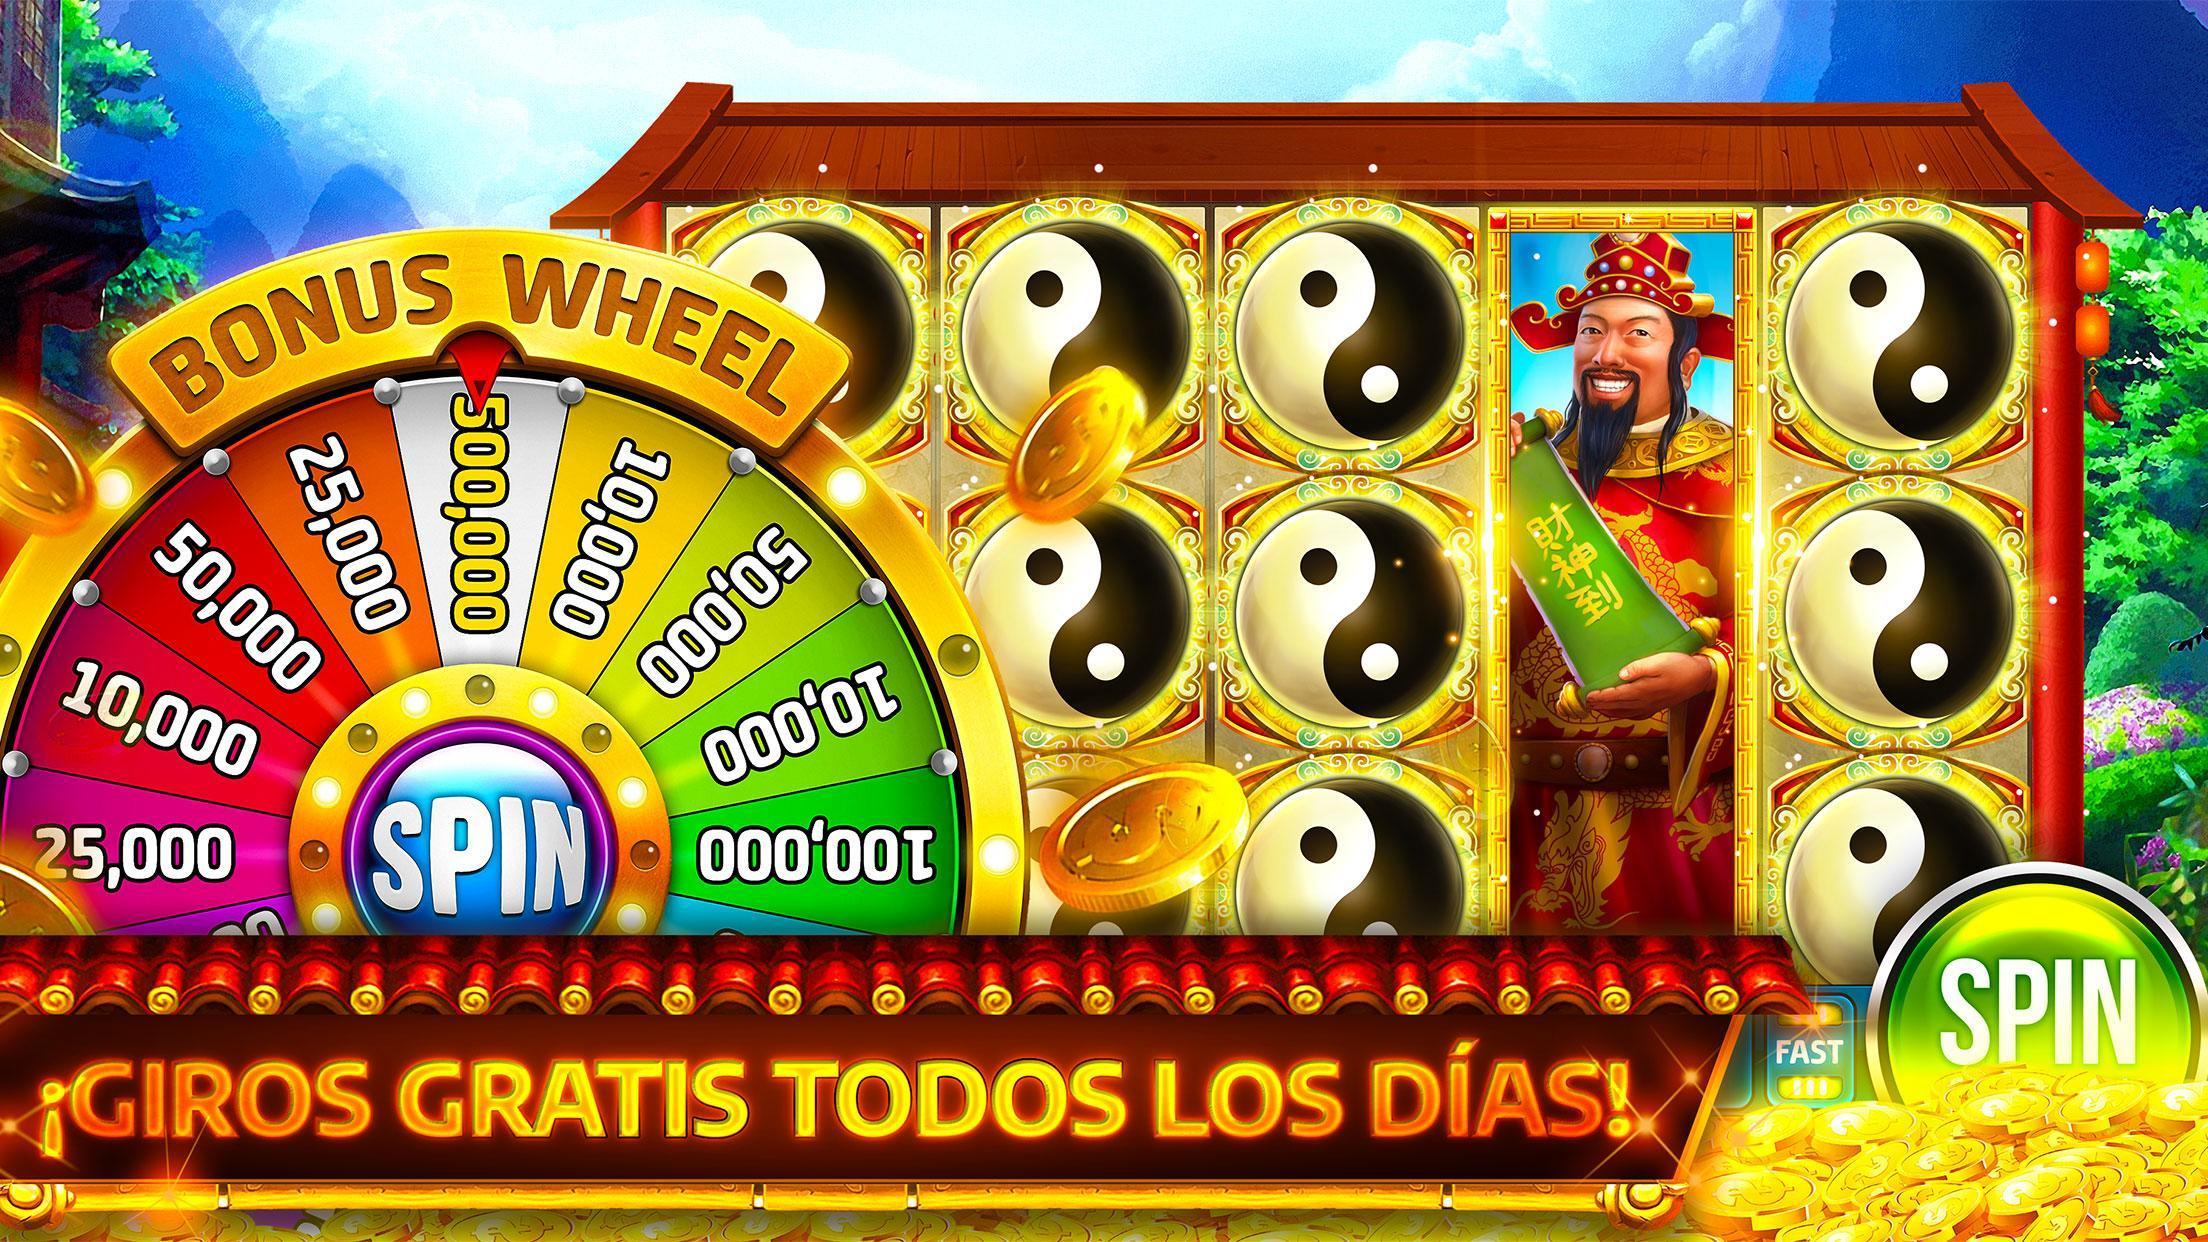 Juegos De Azar Tragamonedas Gratis